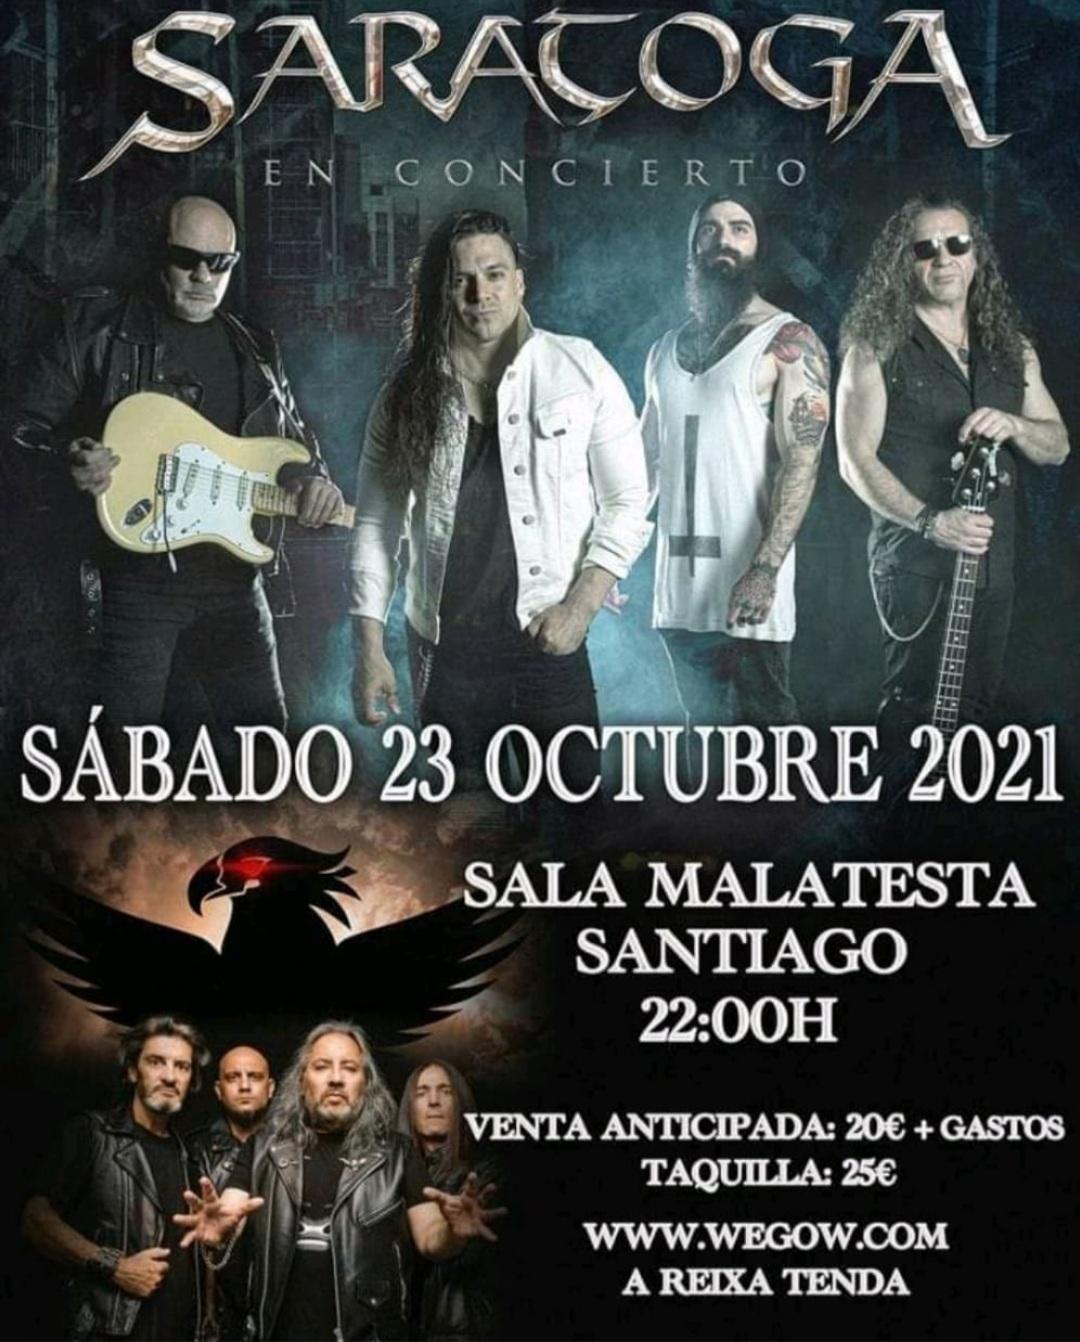 Saratoga concierto santiago